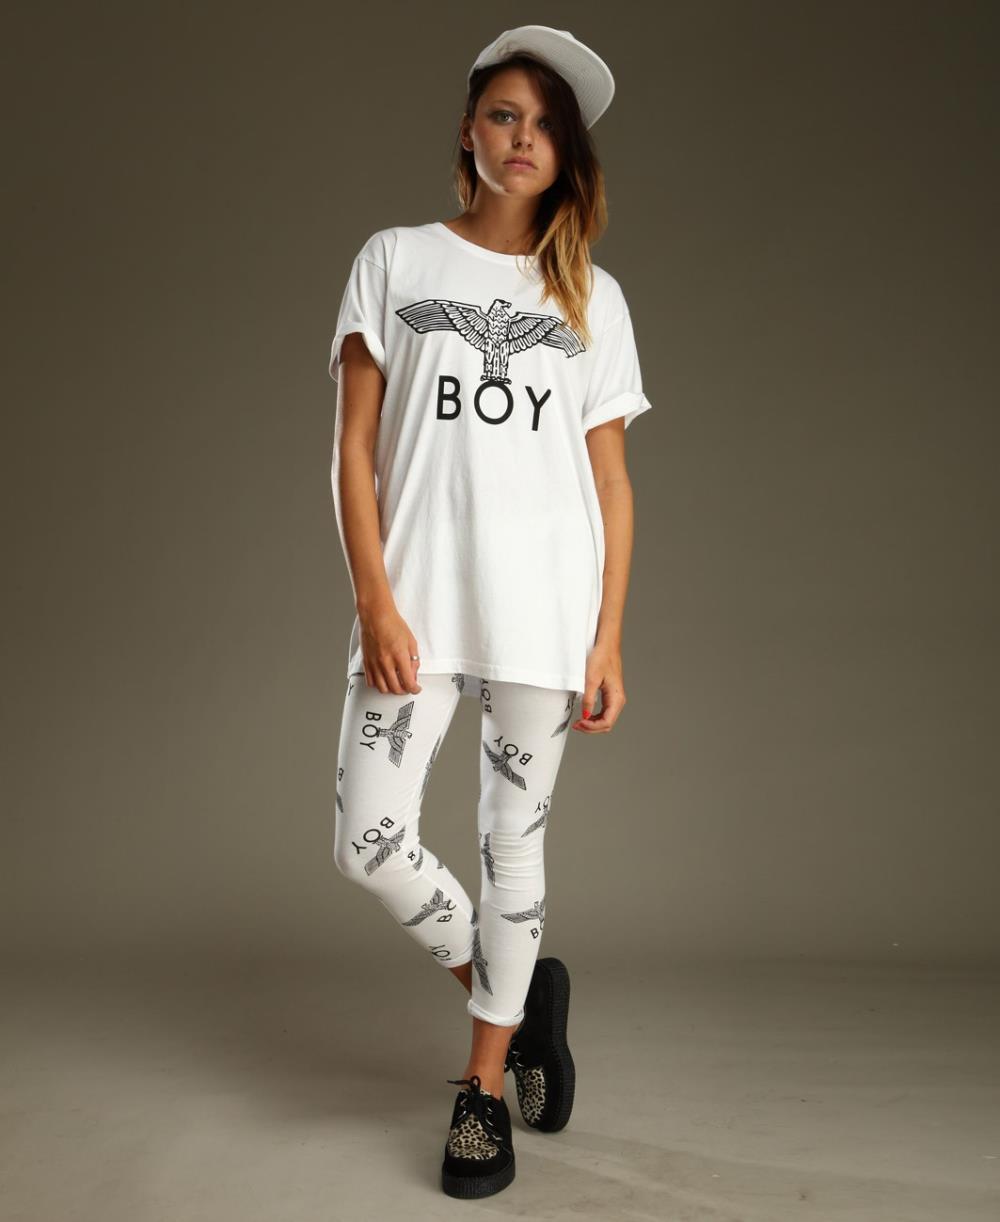 Online Clothing Websites For Men